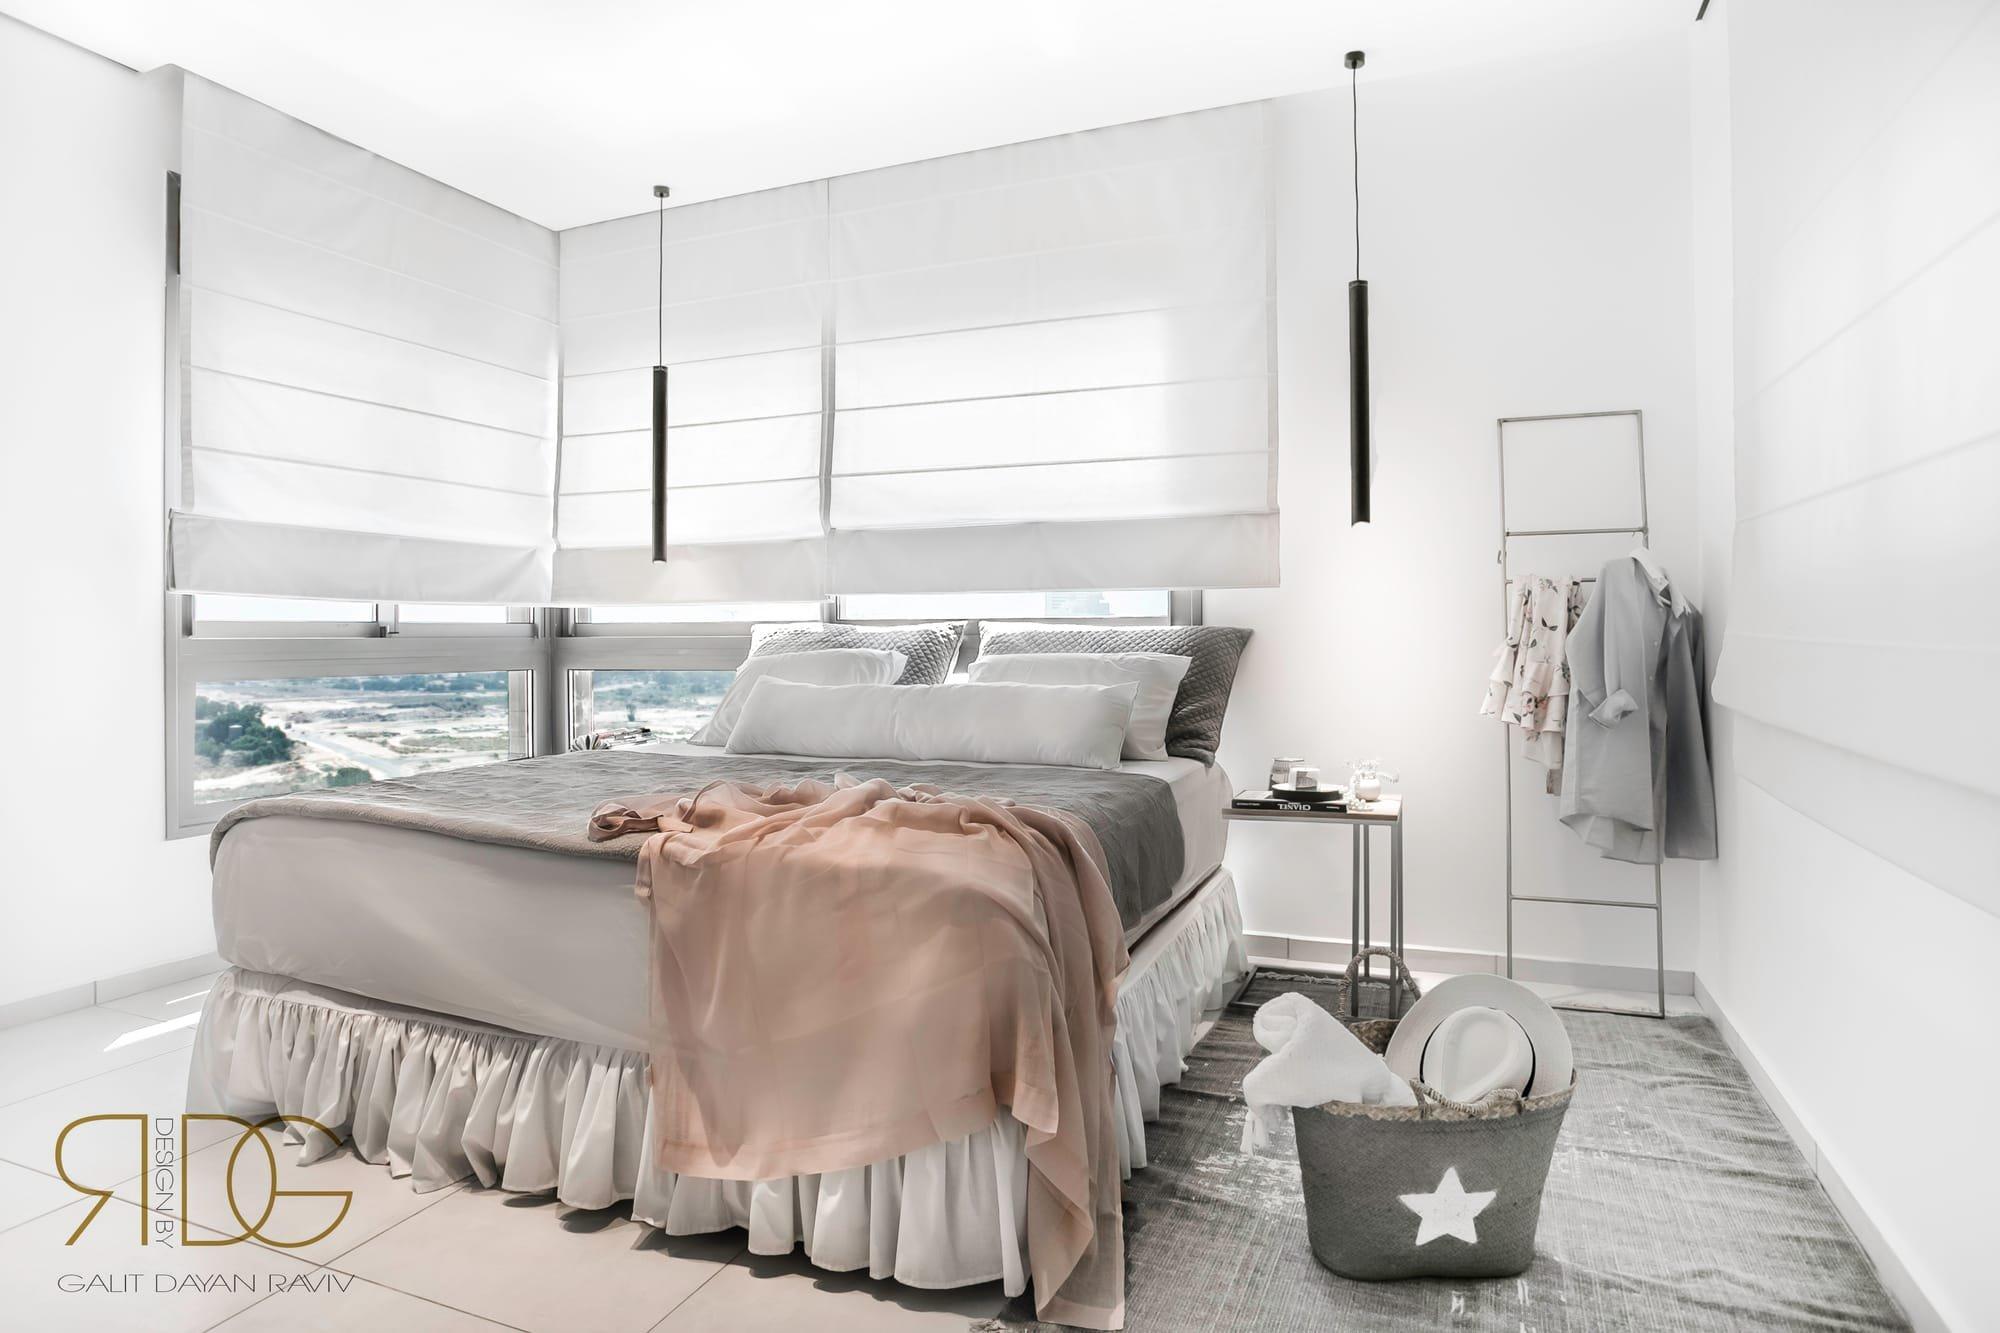 חדר הורים משקיף לים תאורה תלויה